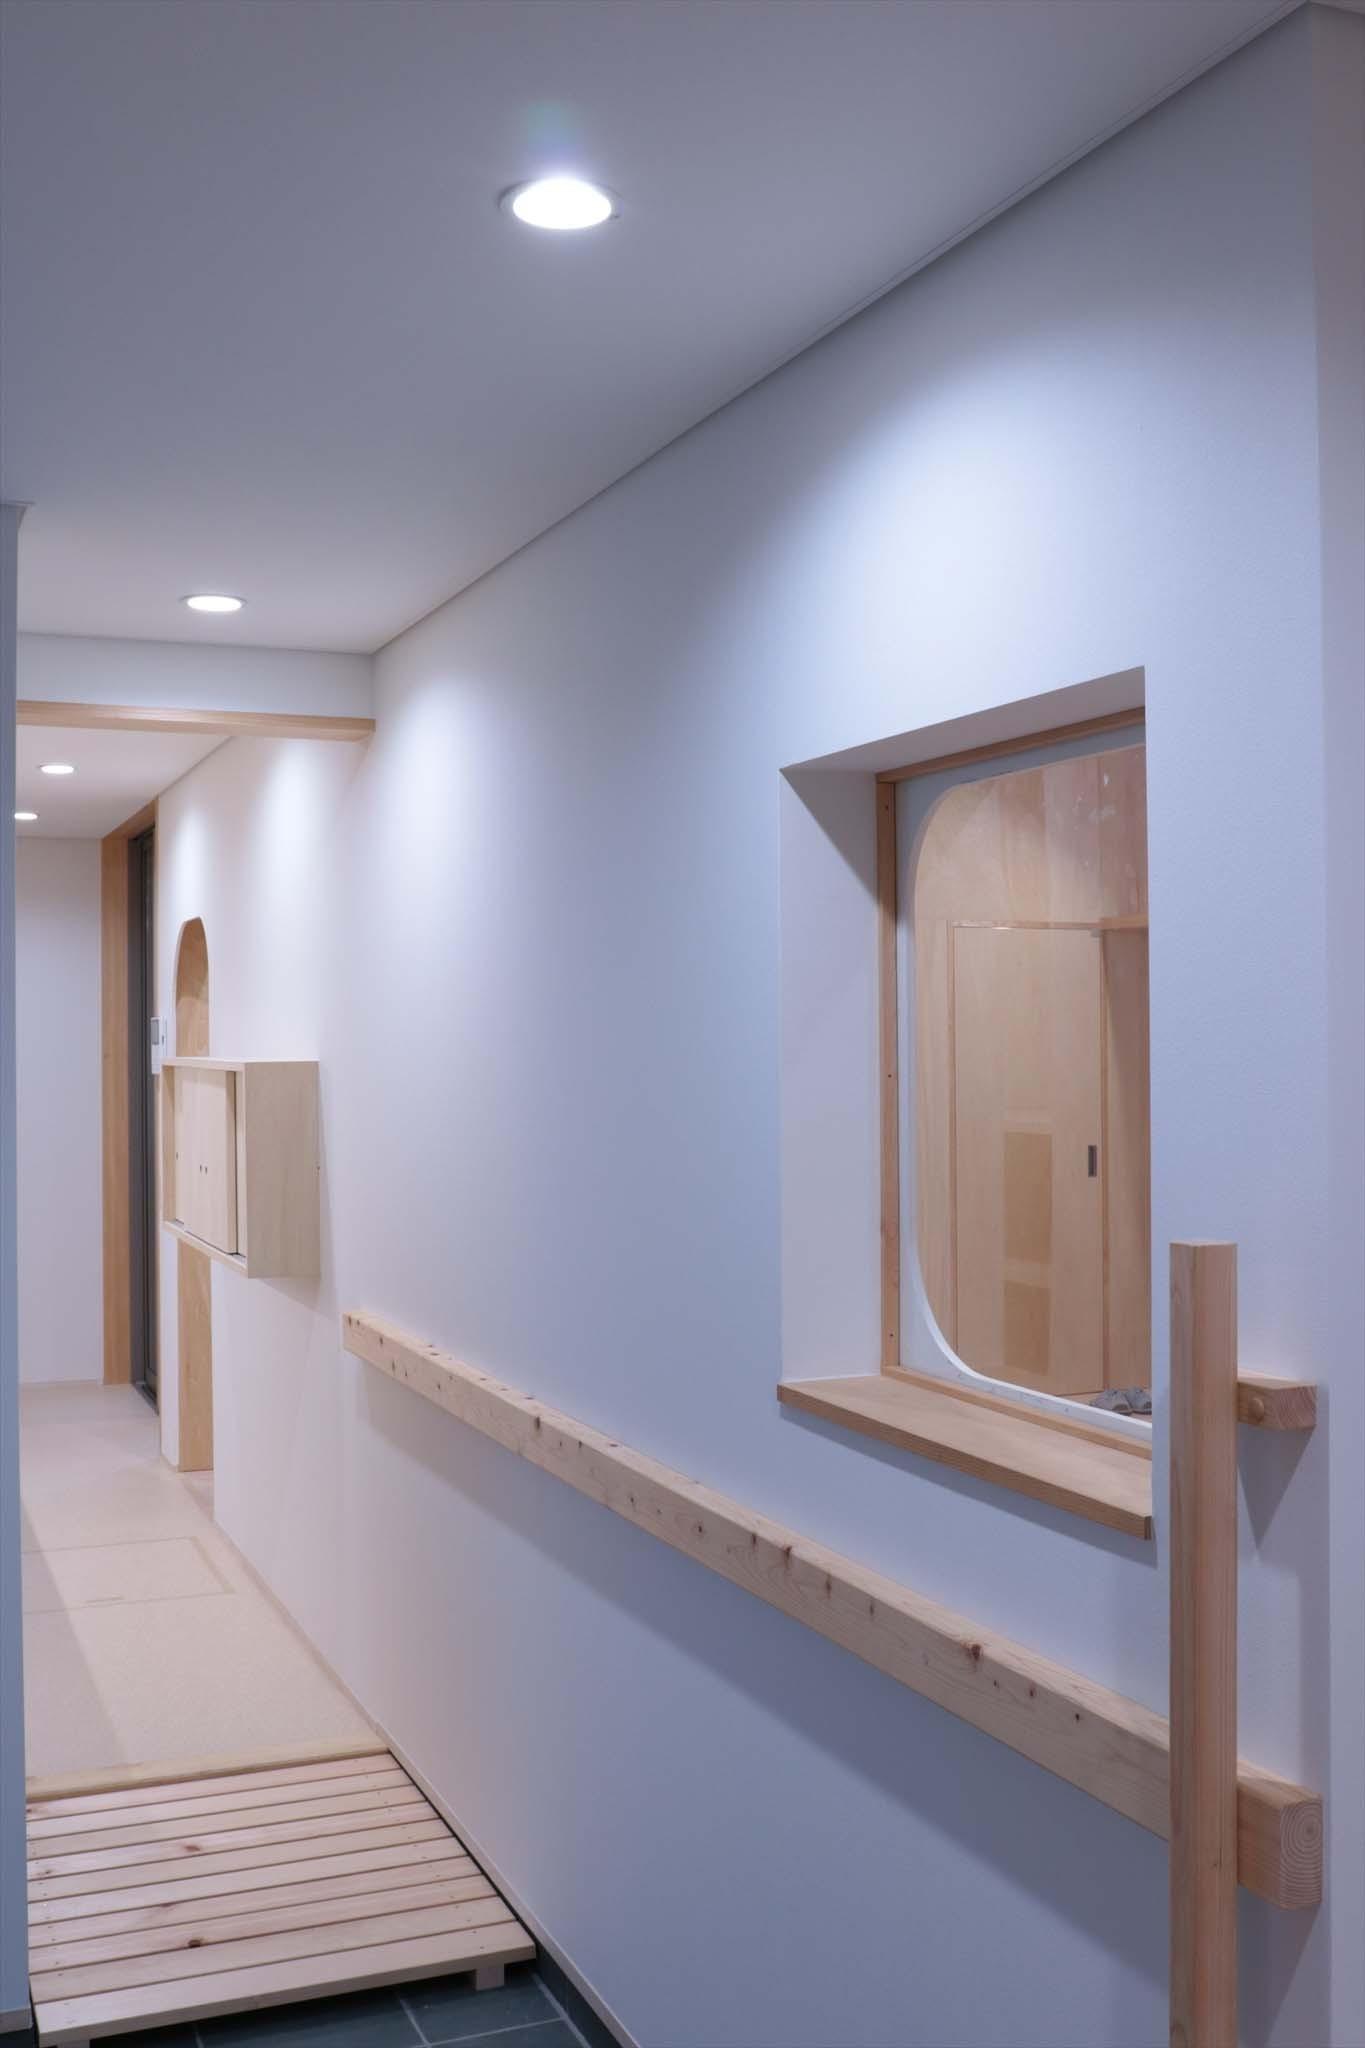 玄関事例:休耕地の家|玄関2(休耕地に建つ女性のための住宅)